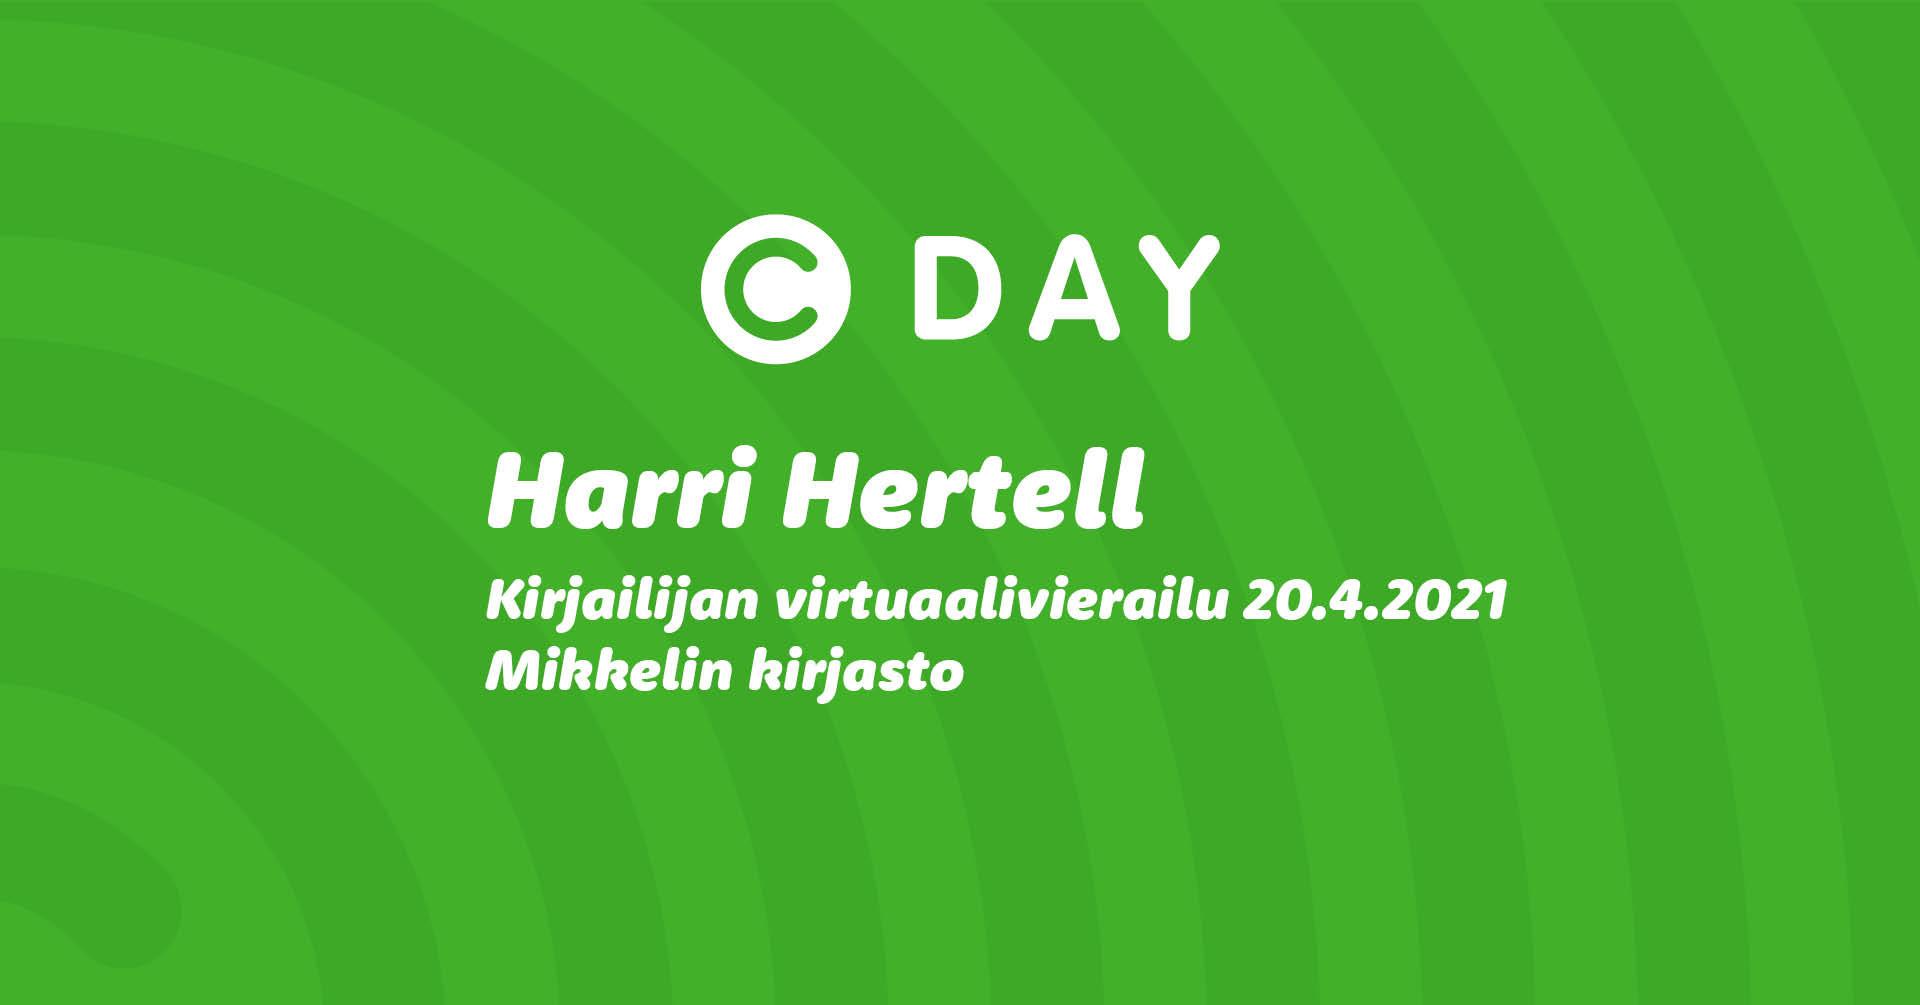 Harri Hertell-Mikkelin virtuaalivierailu.